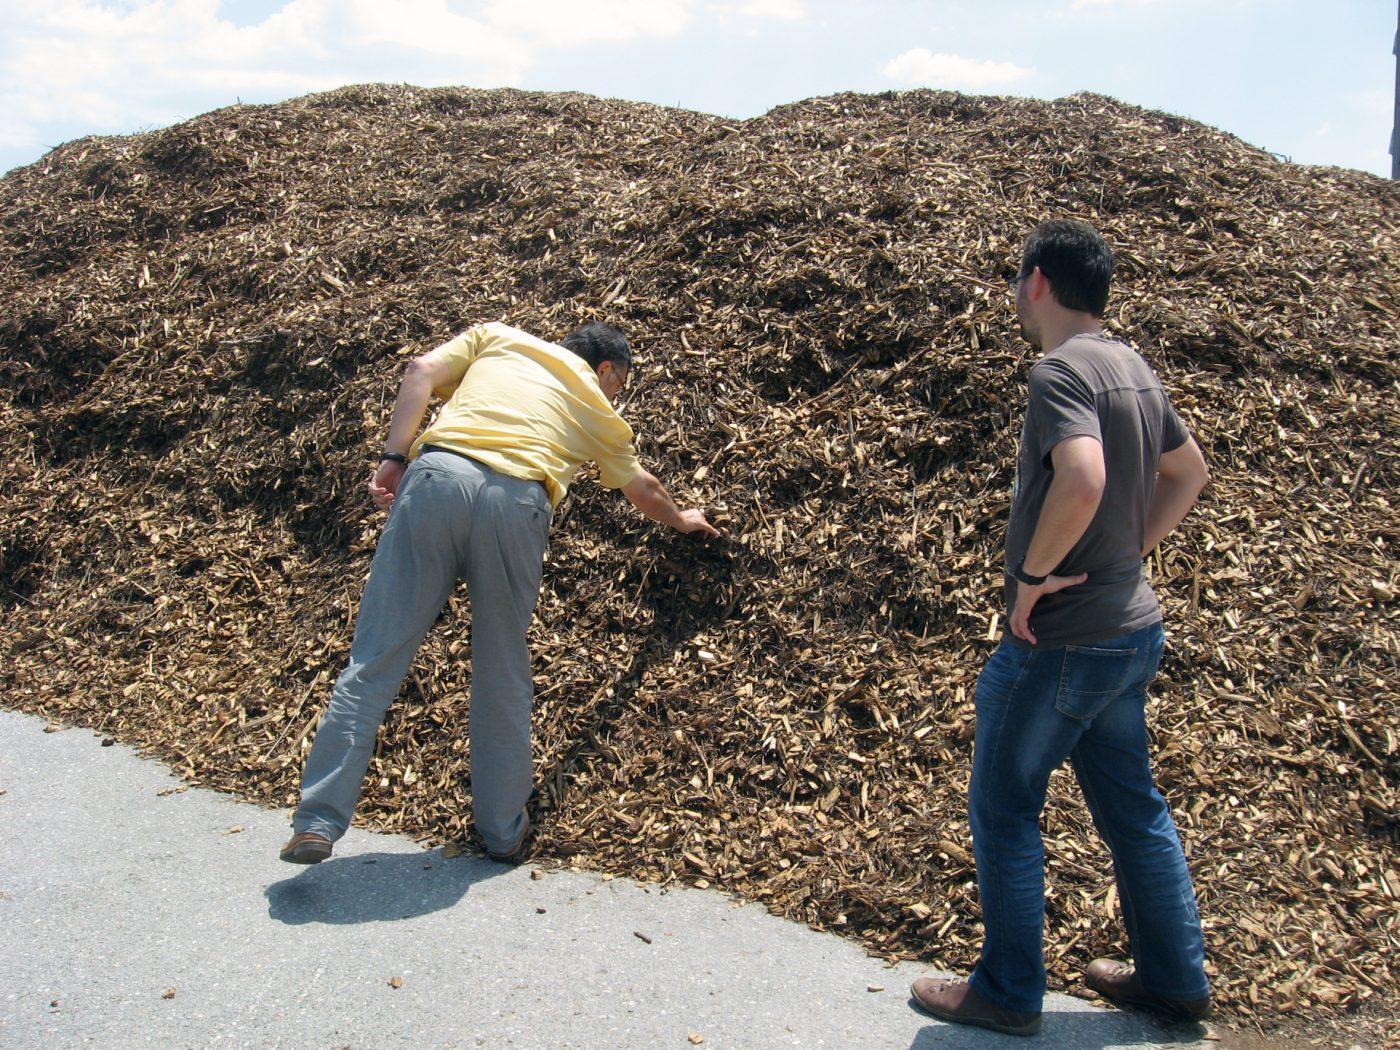 ¿Qué pasa con la biomasa?